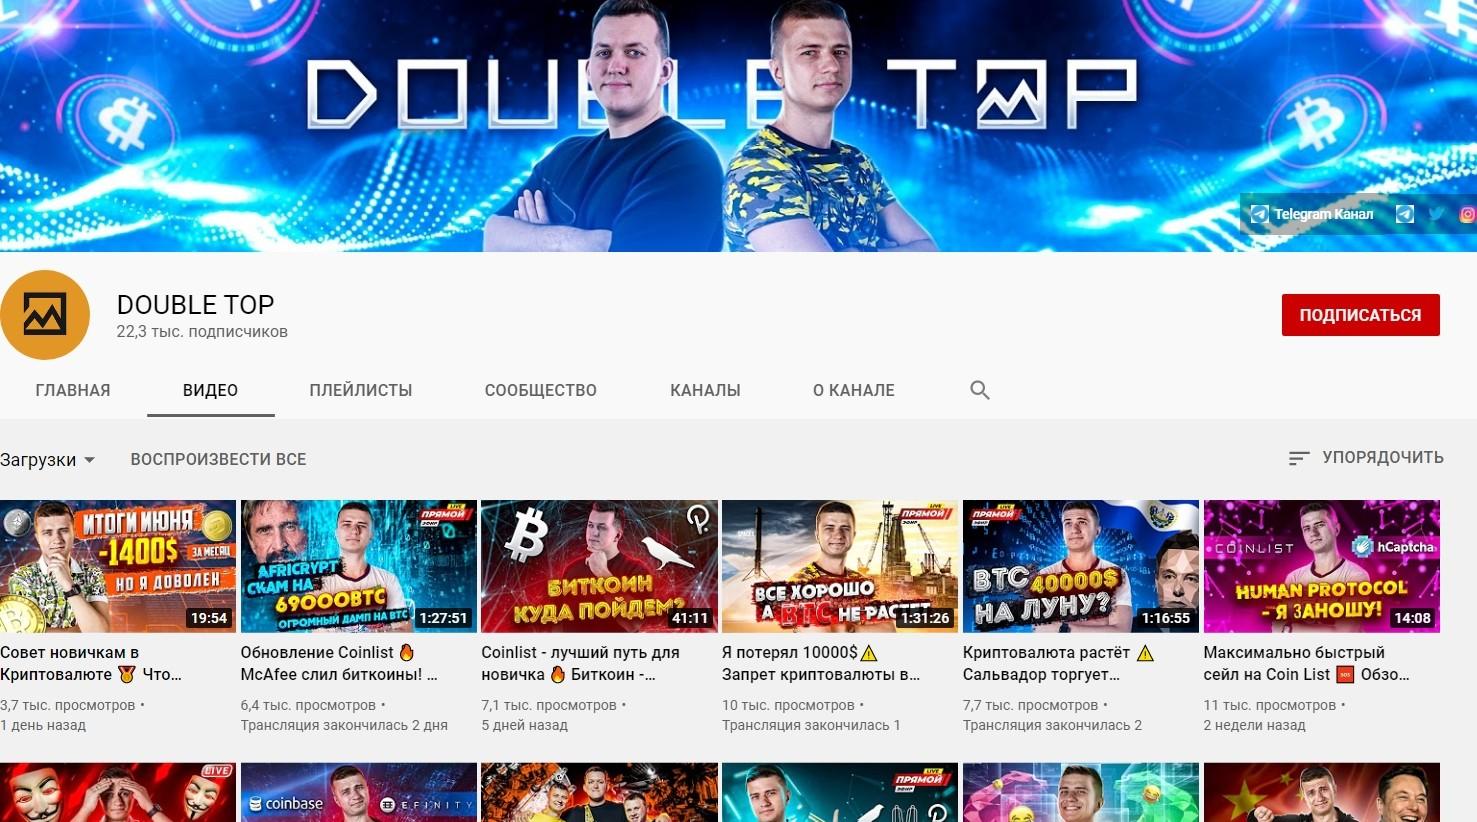 Ютуб канал Double Top Traders